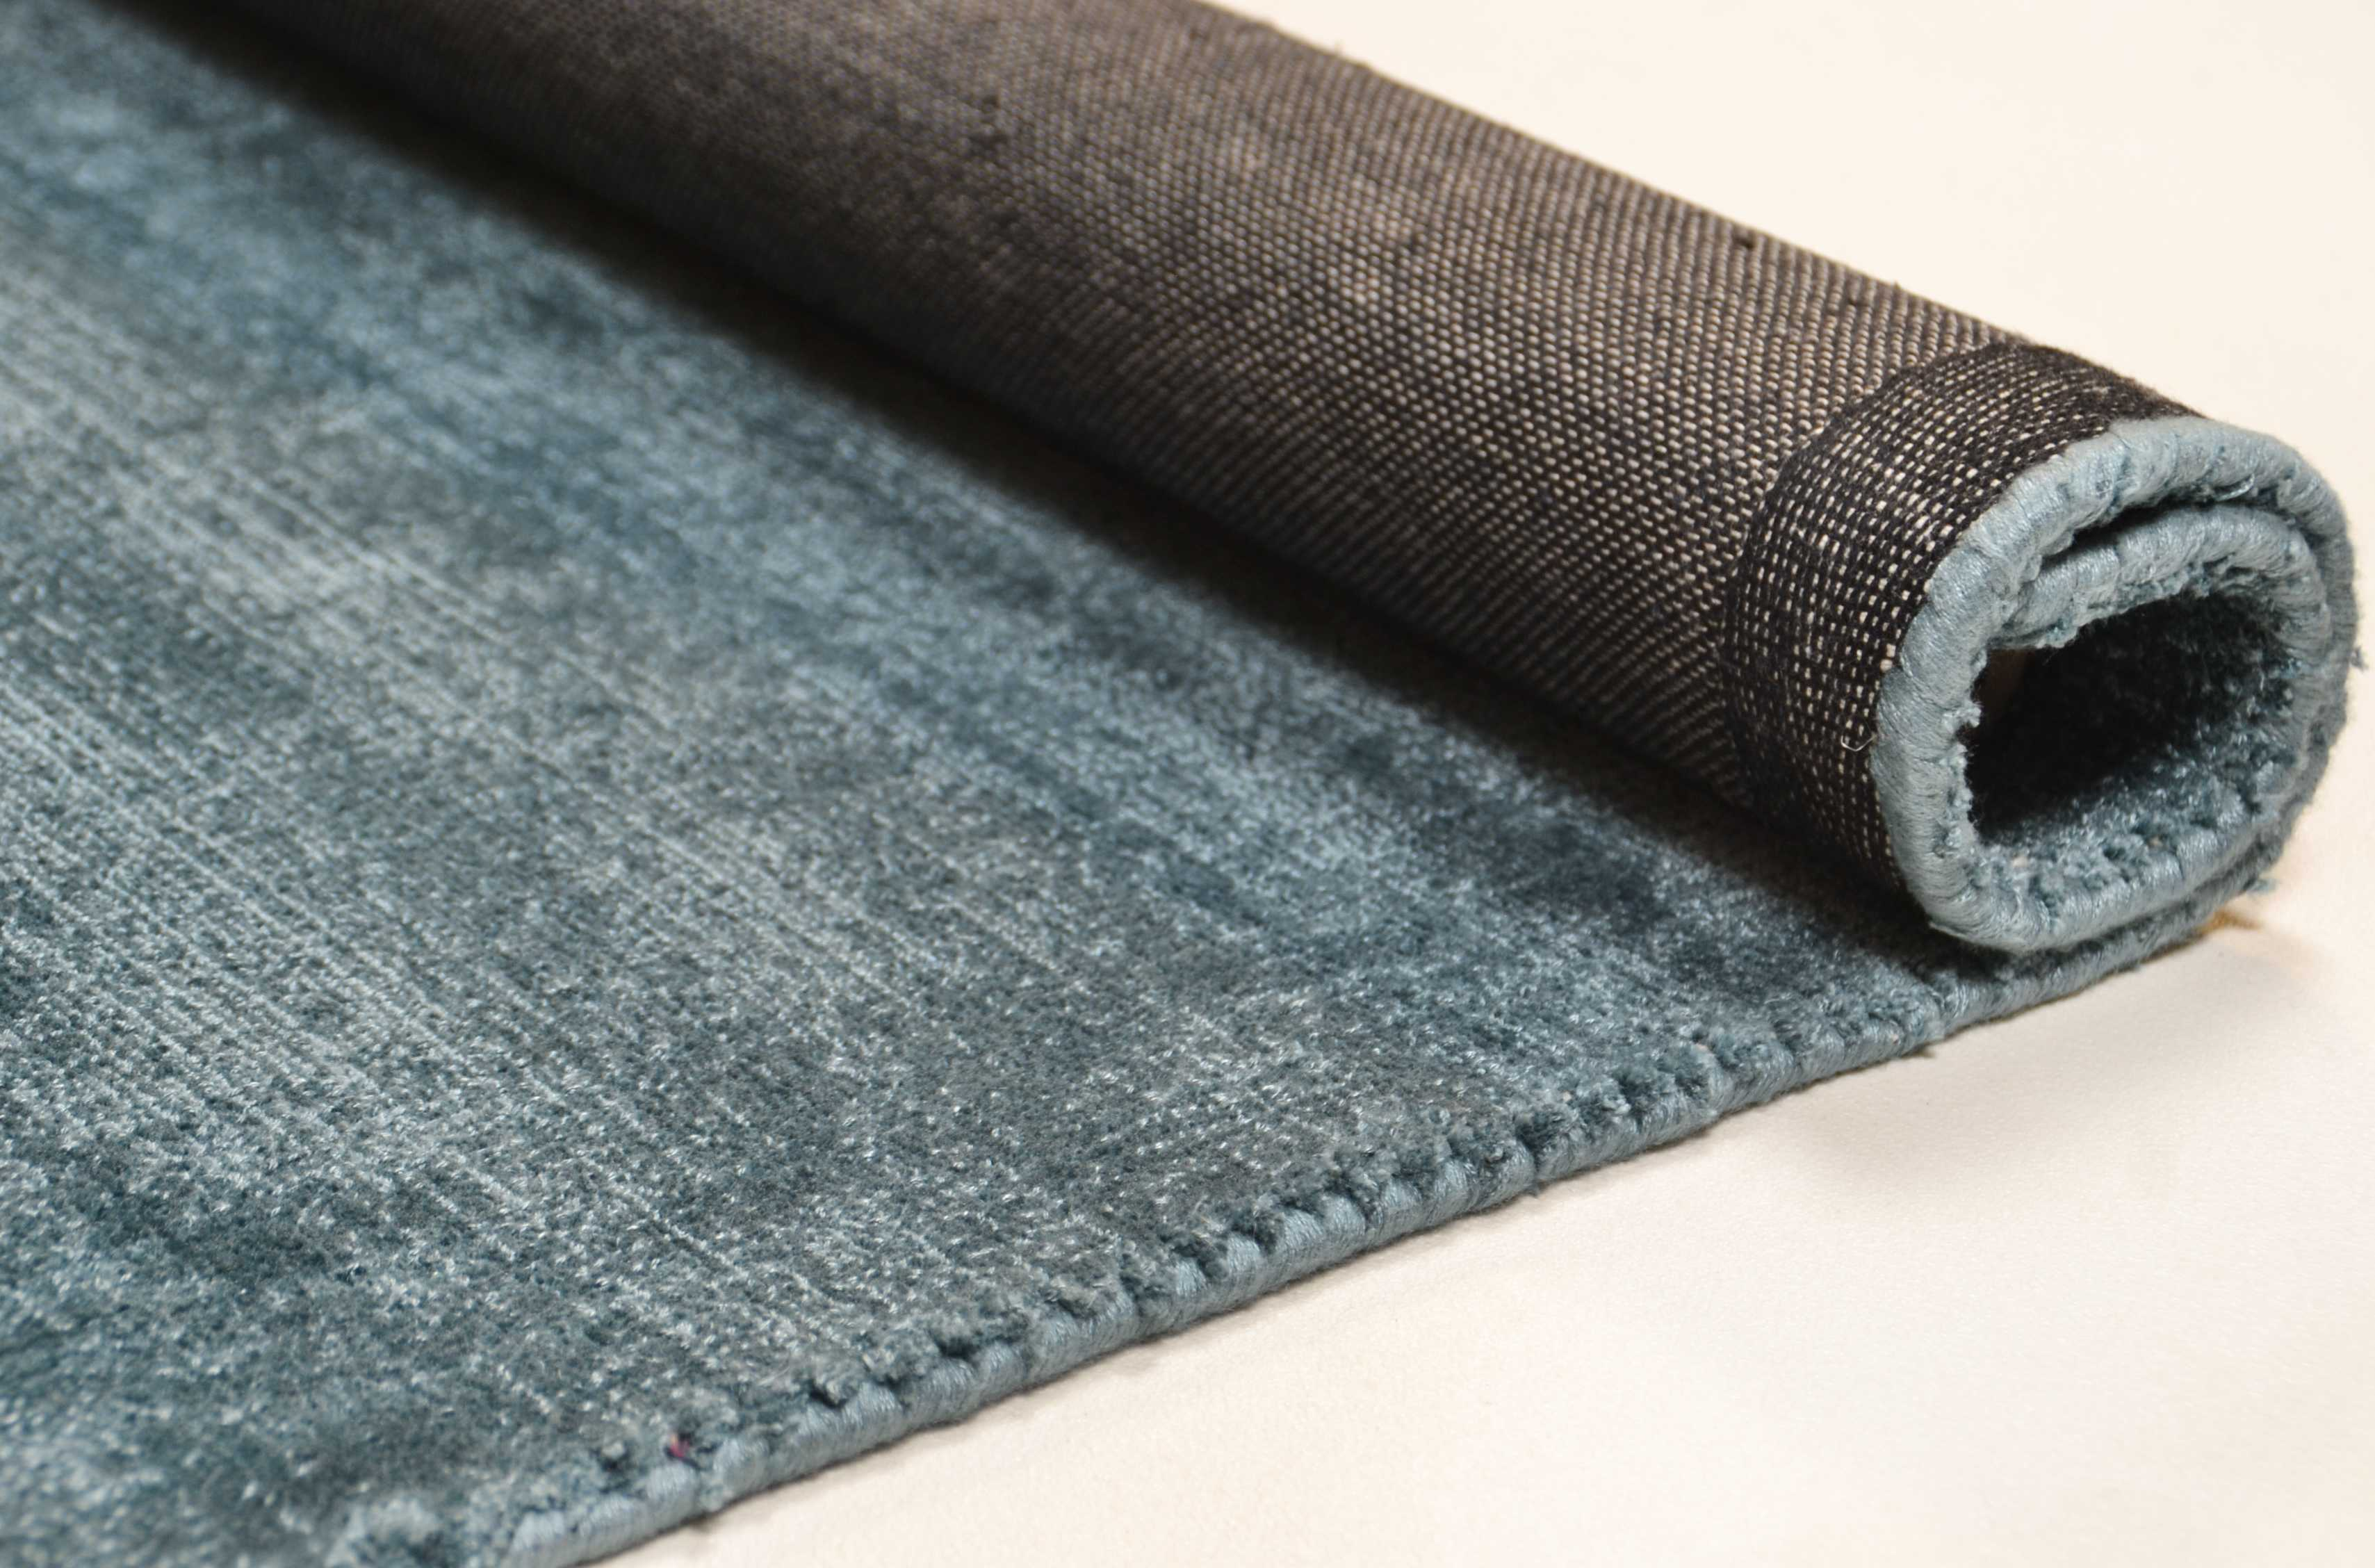 Tom Tailor Teppiche 2017 Traumhafte Teppiche Zum Fairen Preis